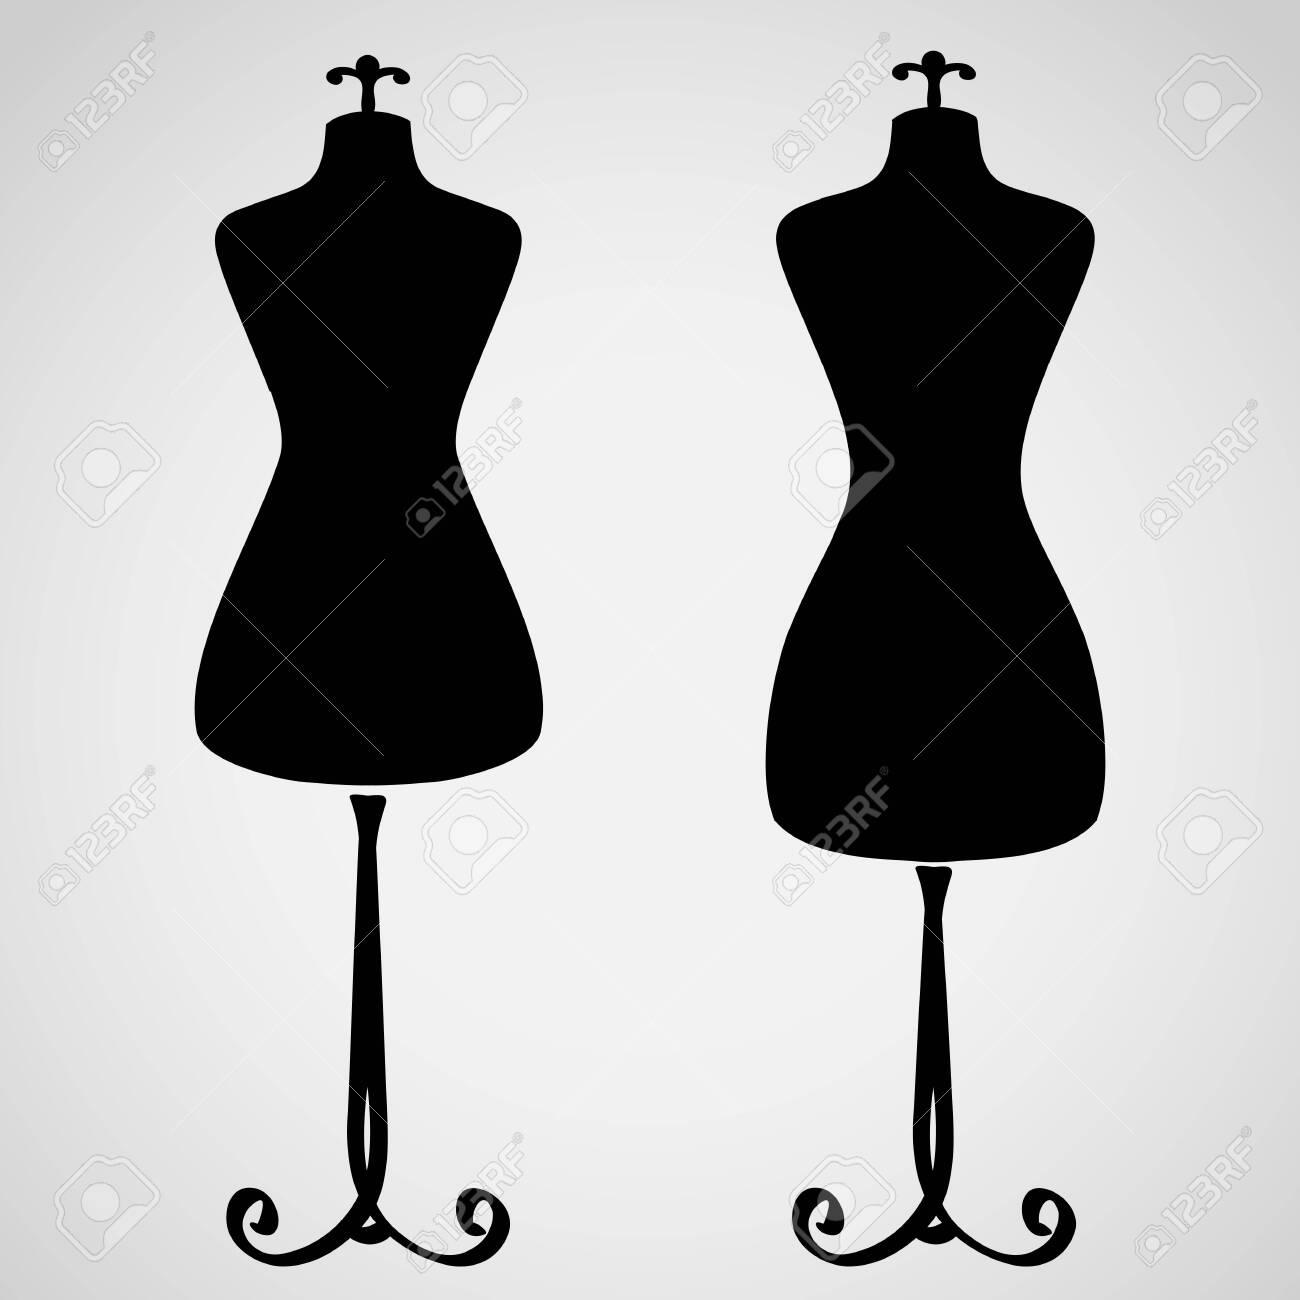 Classic female mannequin silhouette set - 26546391